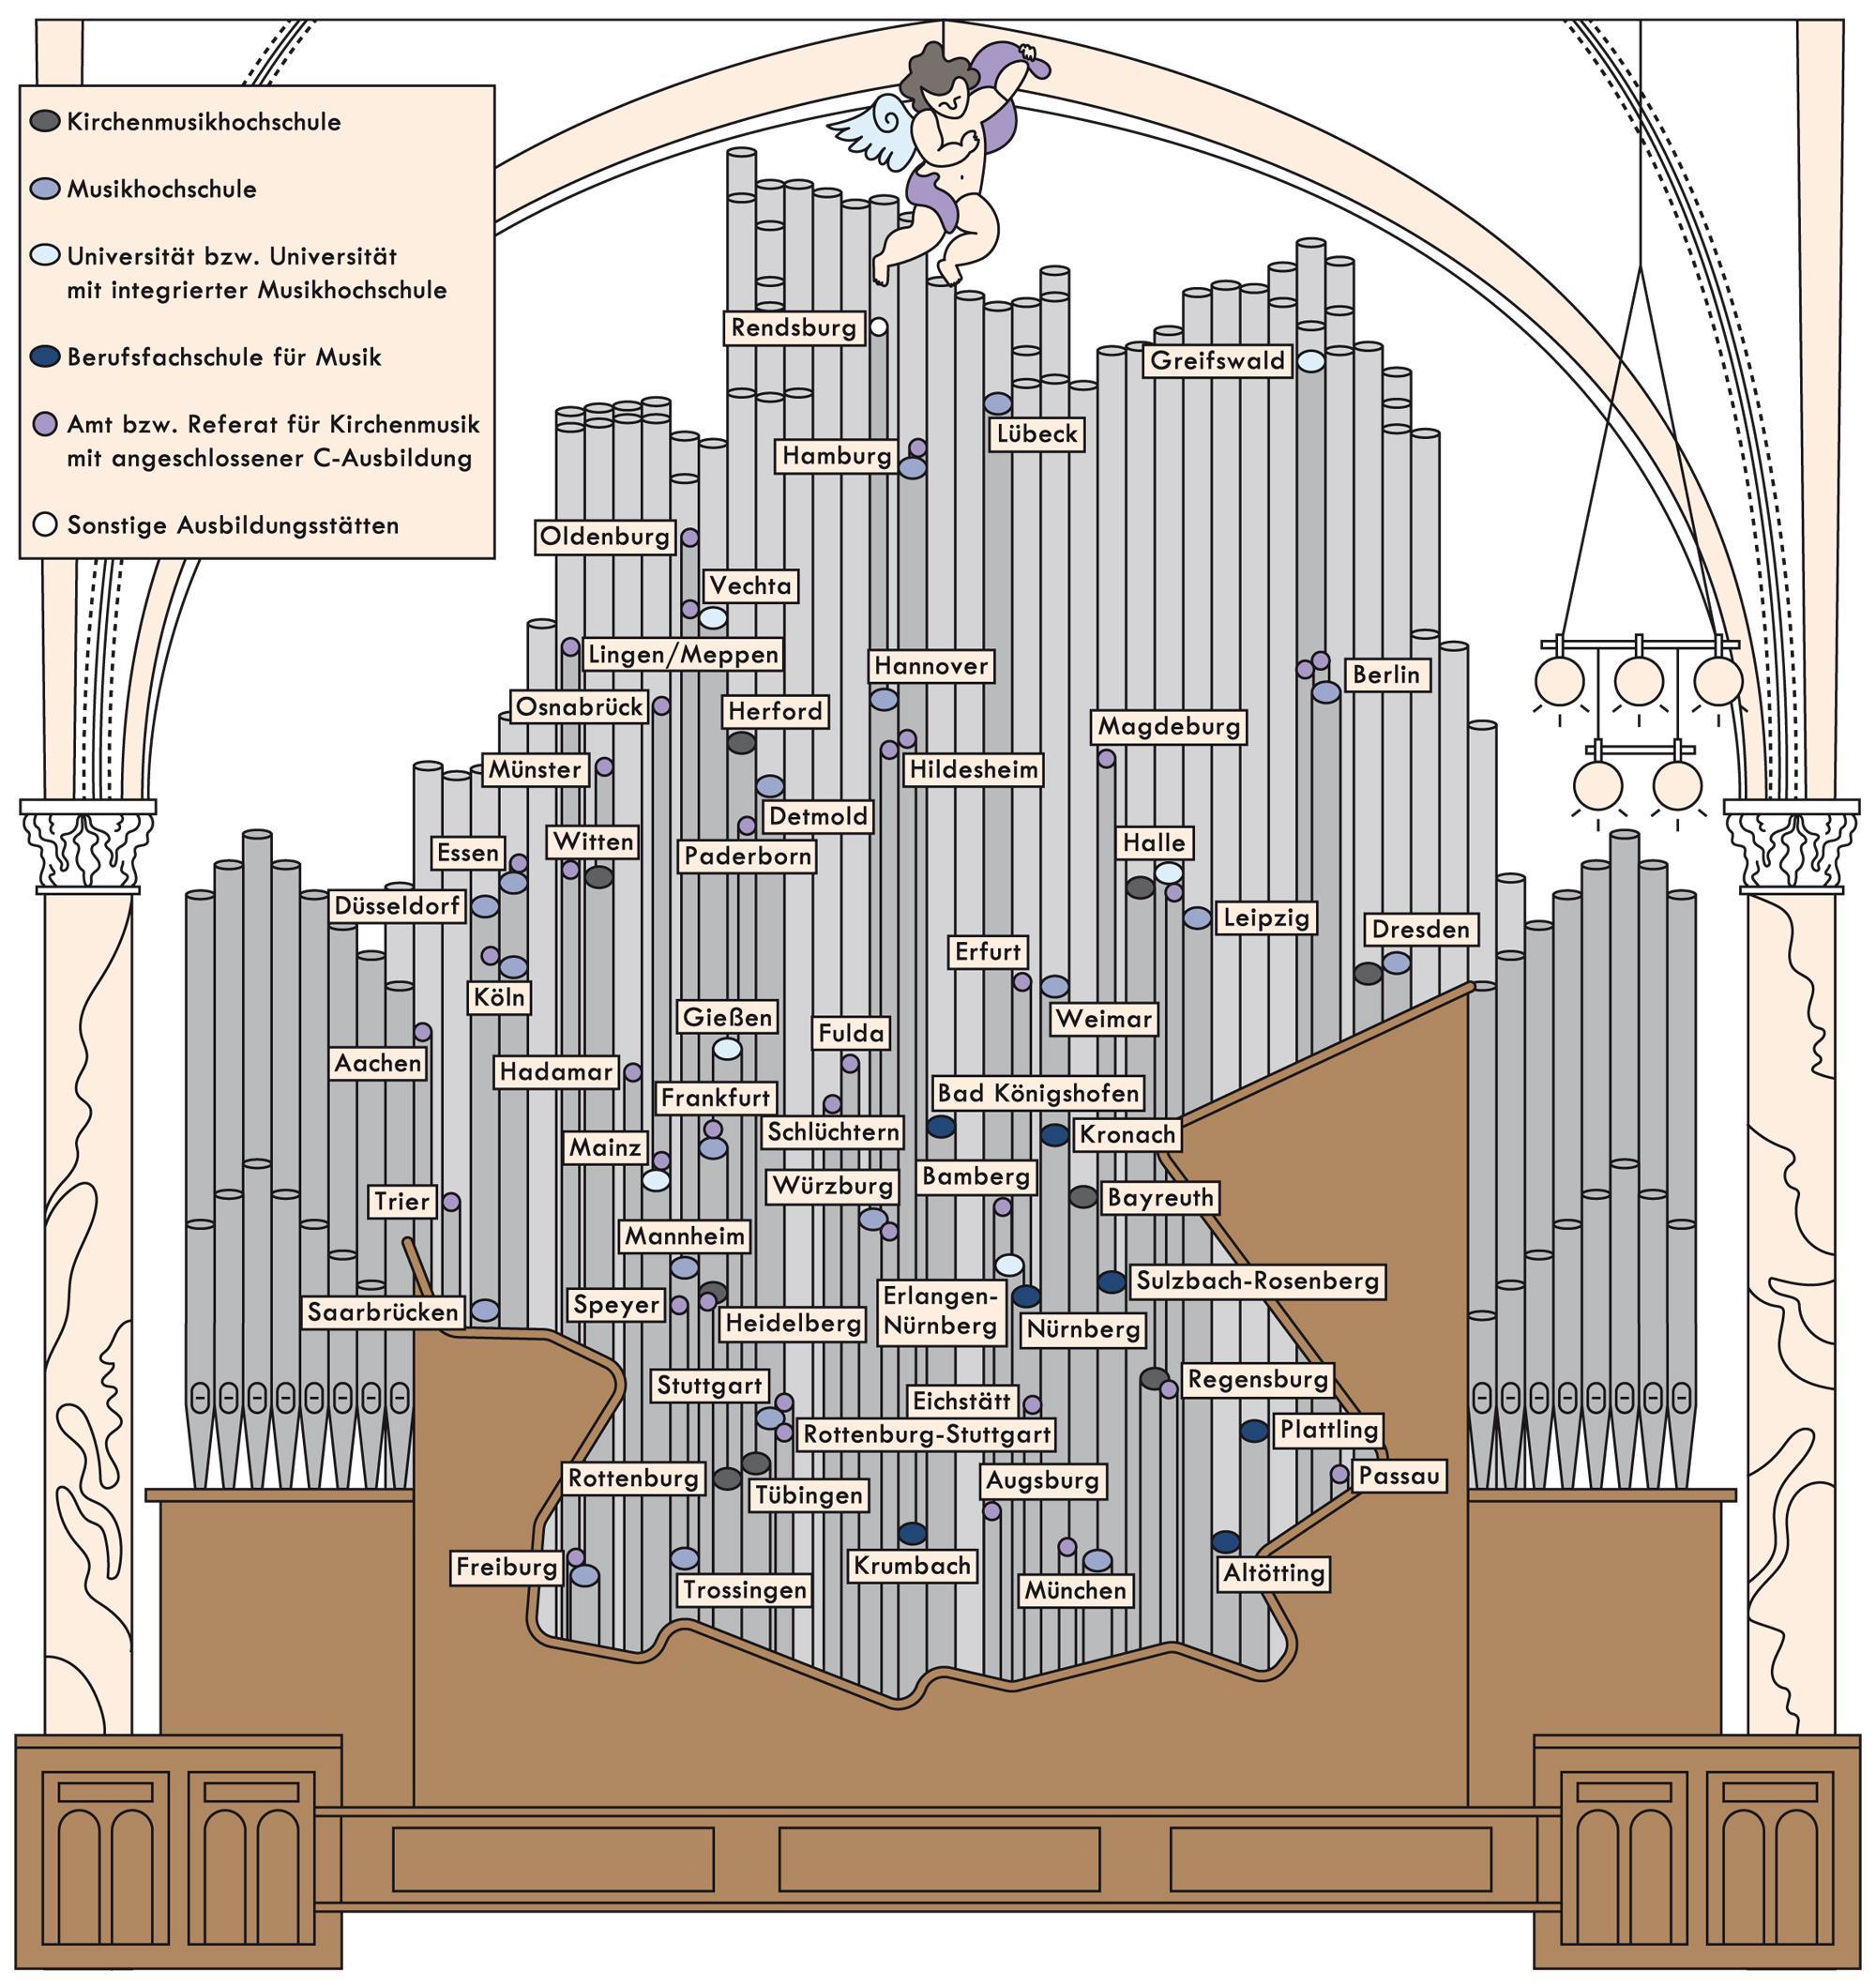 Deutschlandkarte: Ausbildungsstätten für Kirchenmusik